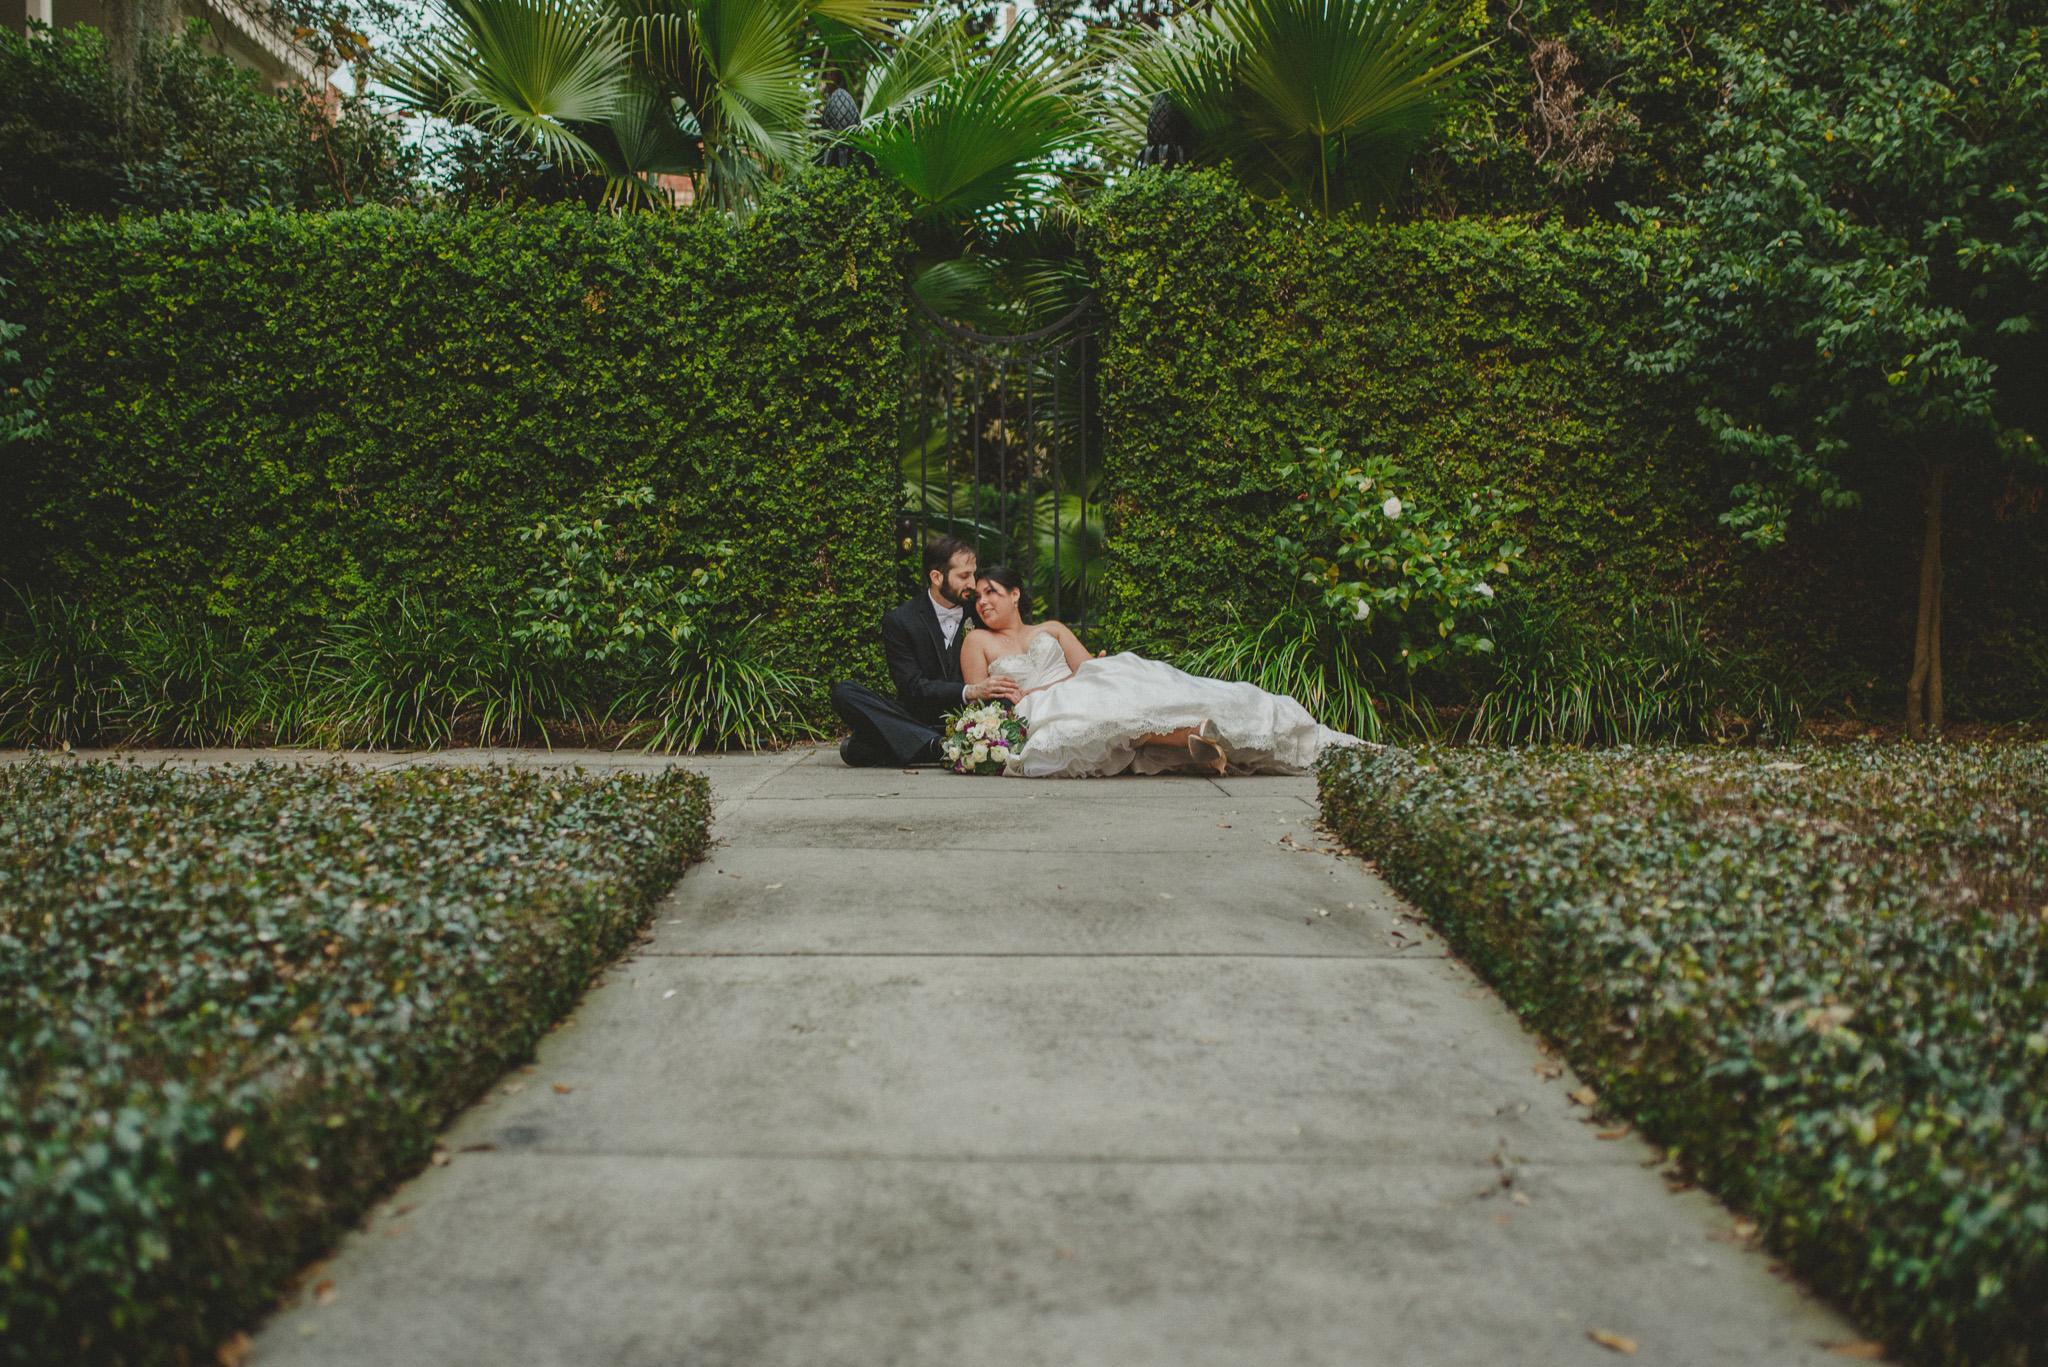 Savannah - Bride and Groom in ivy